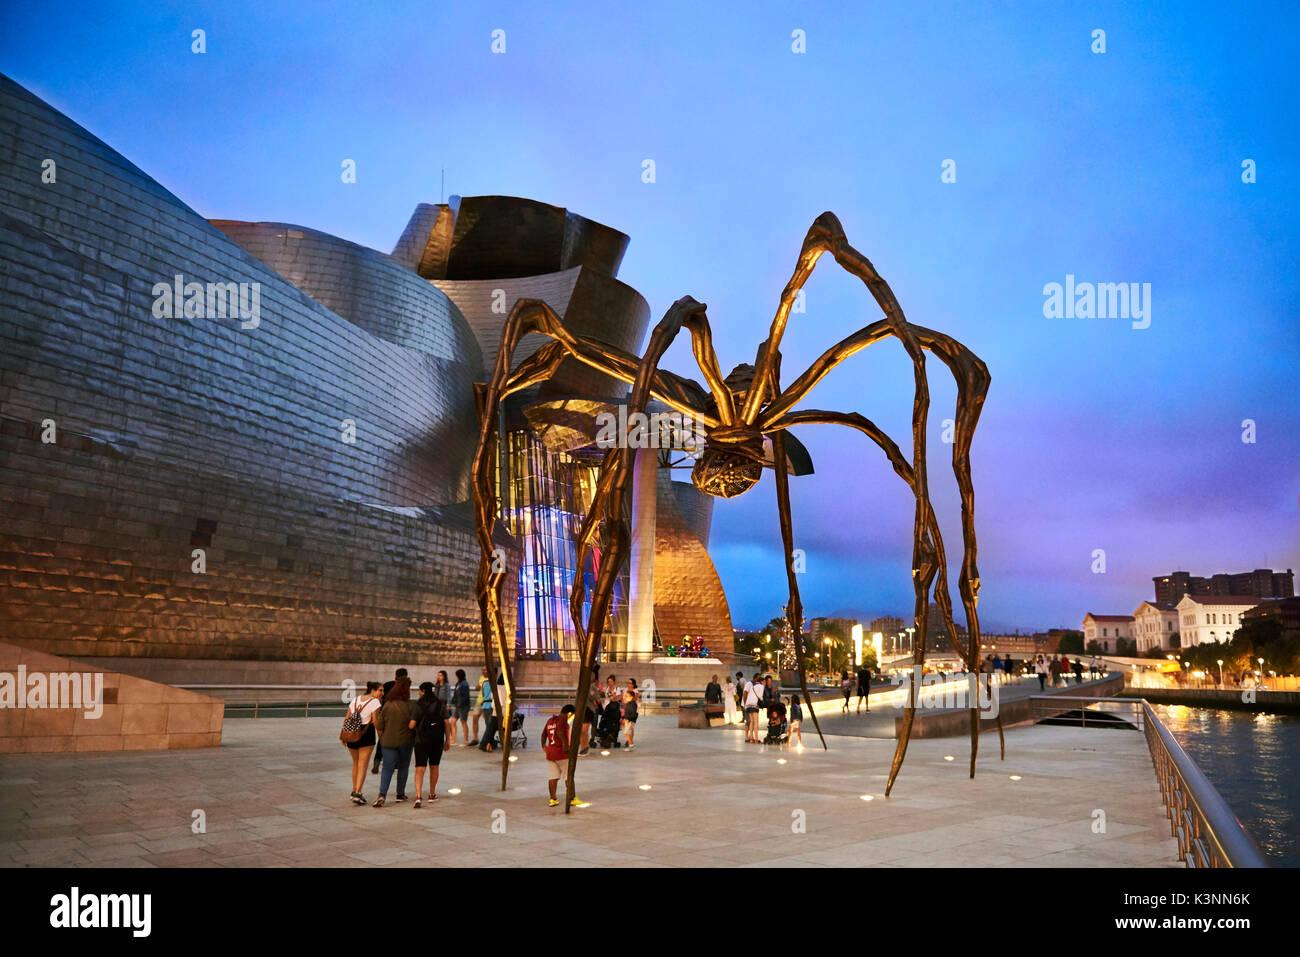 Museo Guggenheim al atardecer, Bilbao, Vizcaya, País Vasco, España, Europa Imagen De Stock